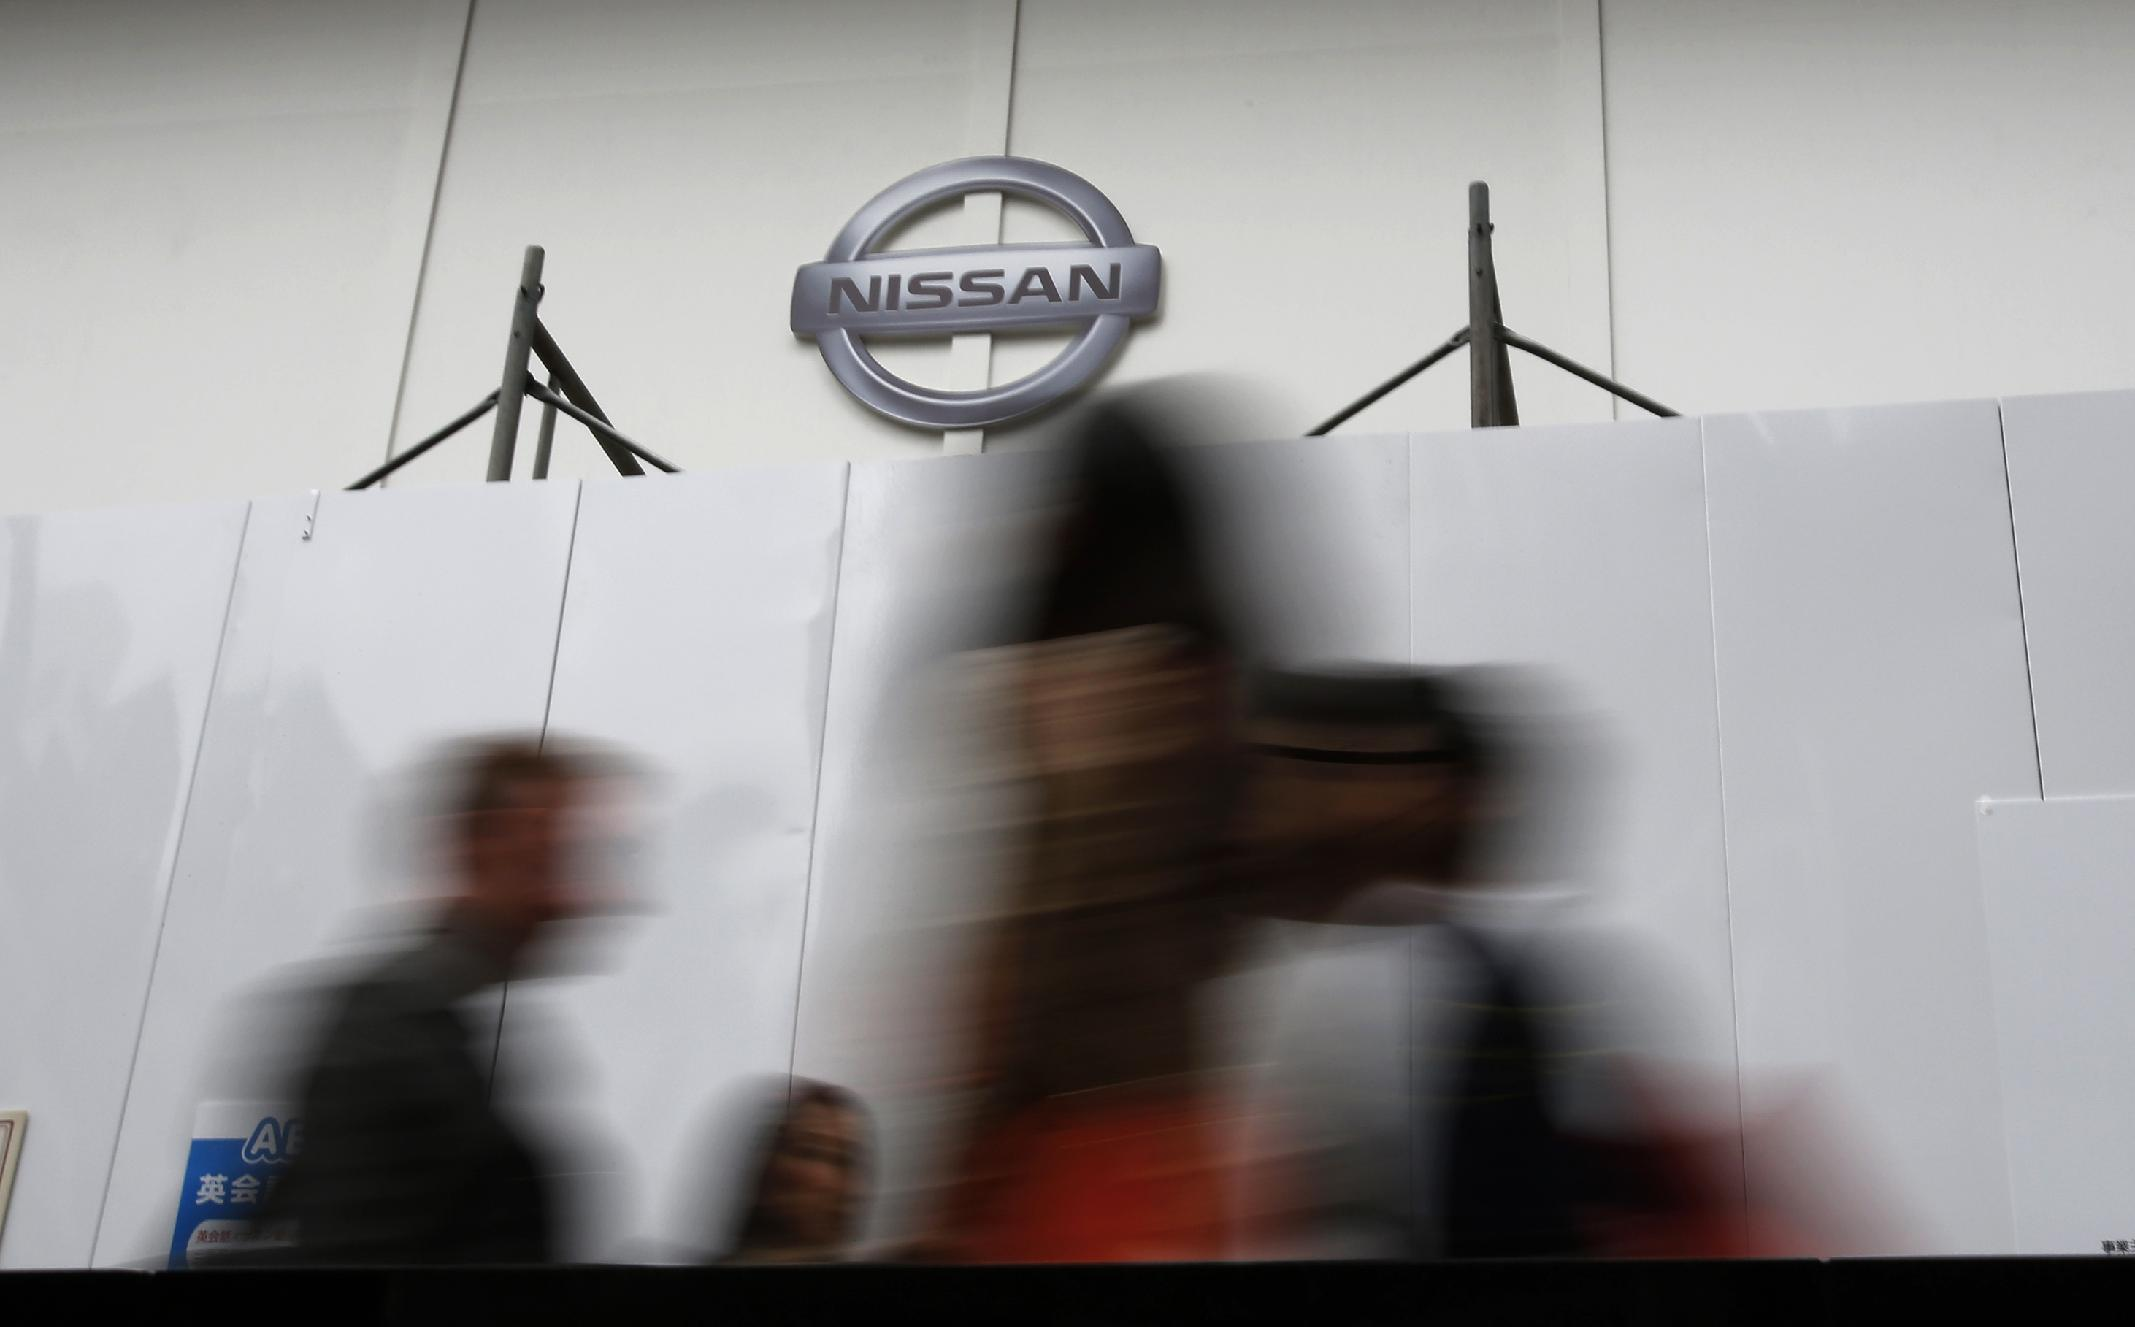 Nissan profit rises on strong sales, cheap yen (AP Photo/Shizuo Kambayashi, File)